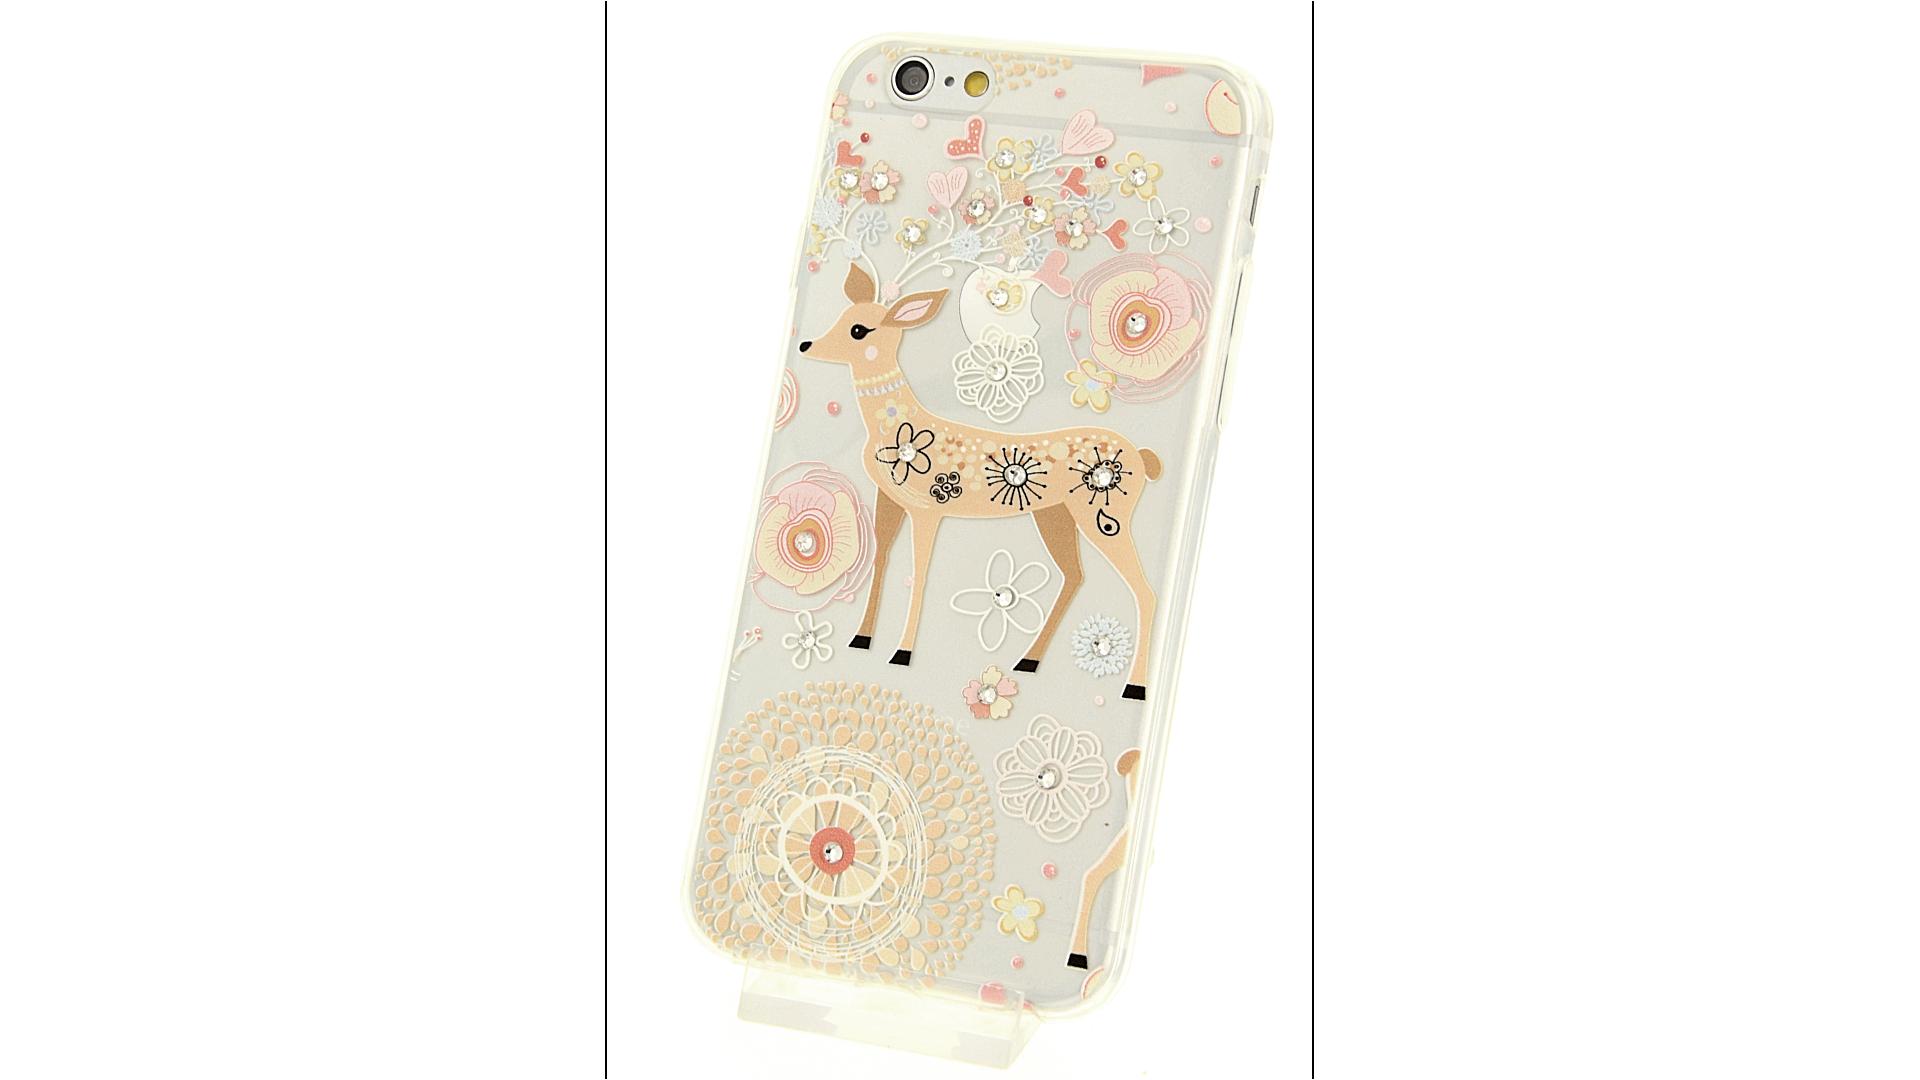 Plastový zadní kryt pro iPhone 6 a iPhone 6S s motivem bambi 71f01517967